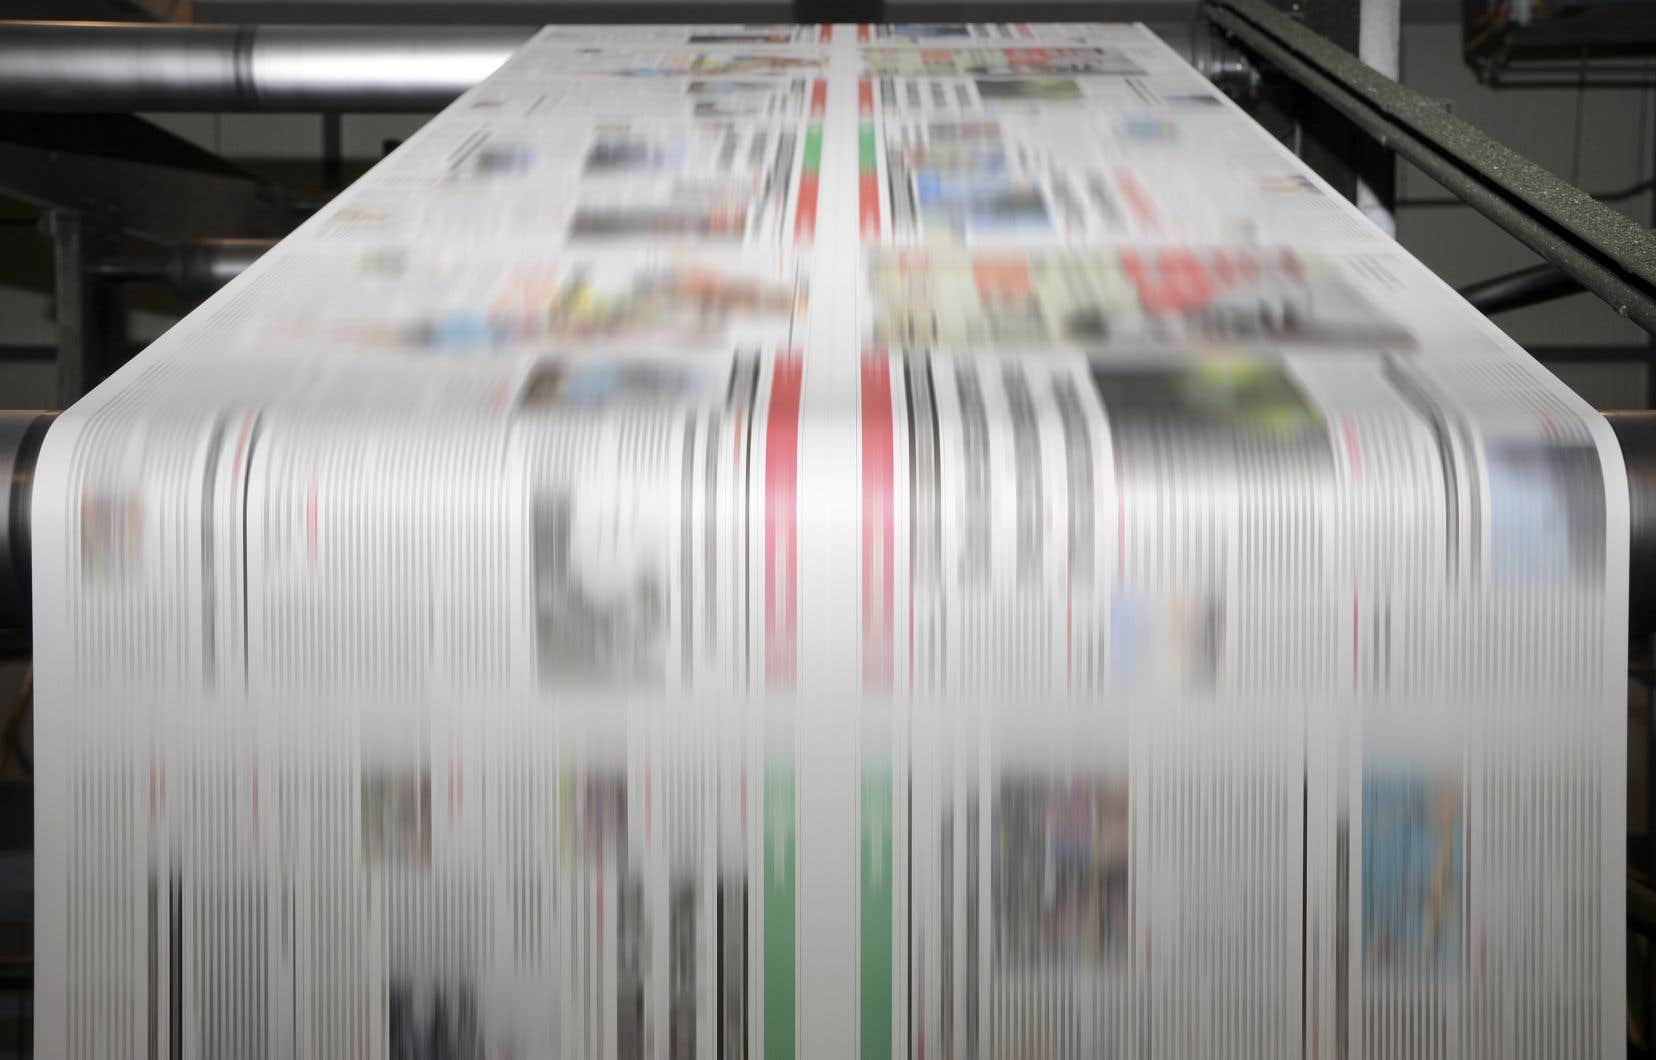 Les journaux et magazines imprimés, qui ont beaucoup souffert de la pandémie, se sont retrouvés perdants tant du côté des revenus que du lectorat.